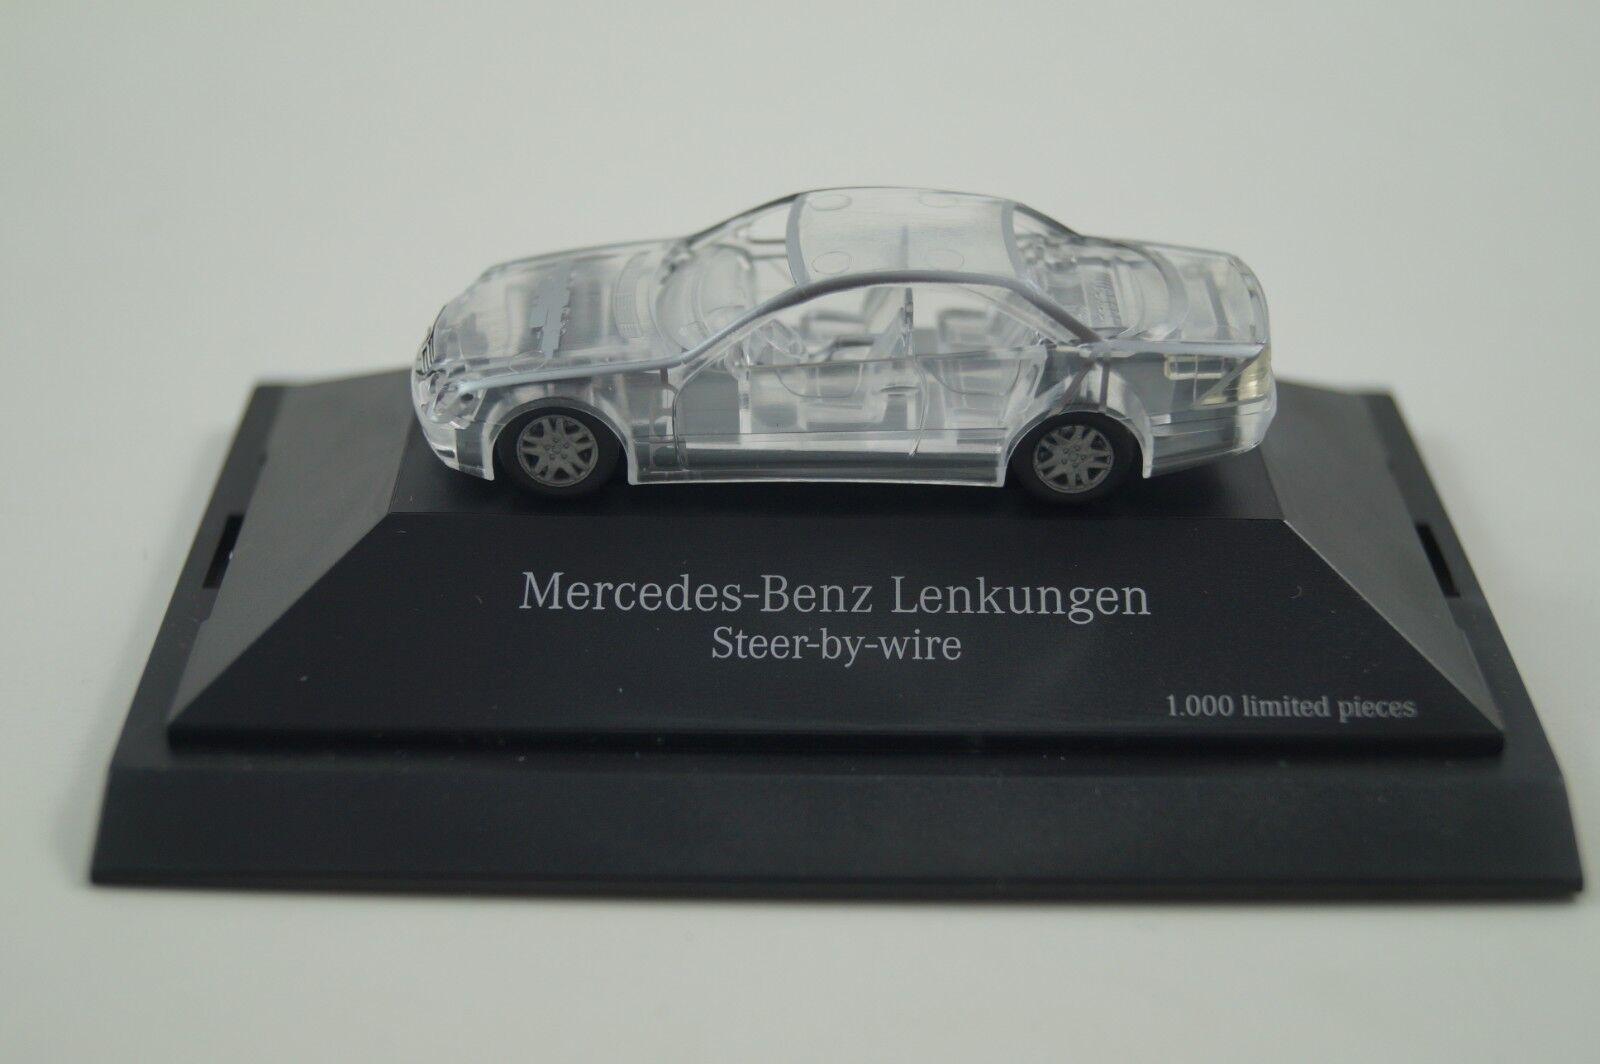 Vous ne pouvez pas acheter un téléphone portable  et et et vous n'avez pas de rabais. Herpa Voiture Miniature 1:87 h0 Mercedes-Benz CL coupé Lenkungen Steer-by-Wire | En Vente  d1adb6